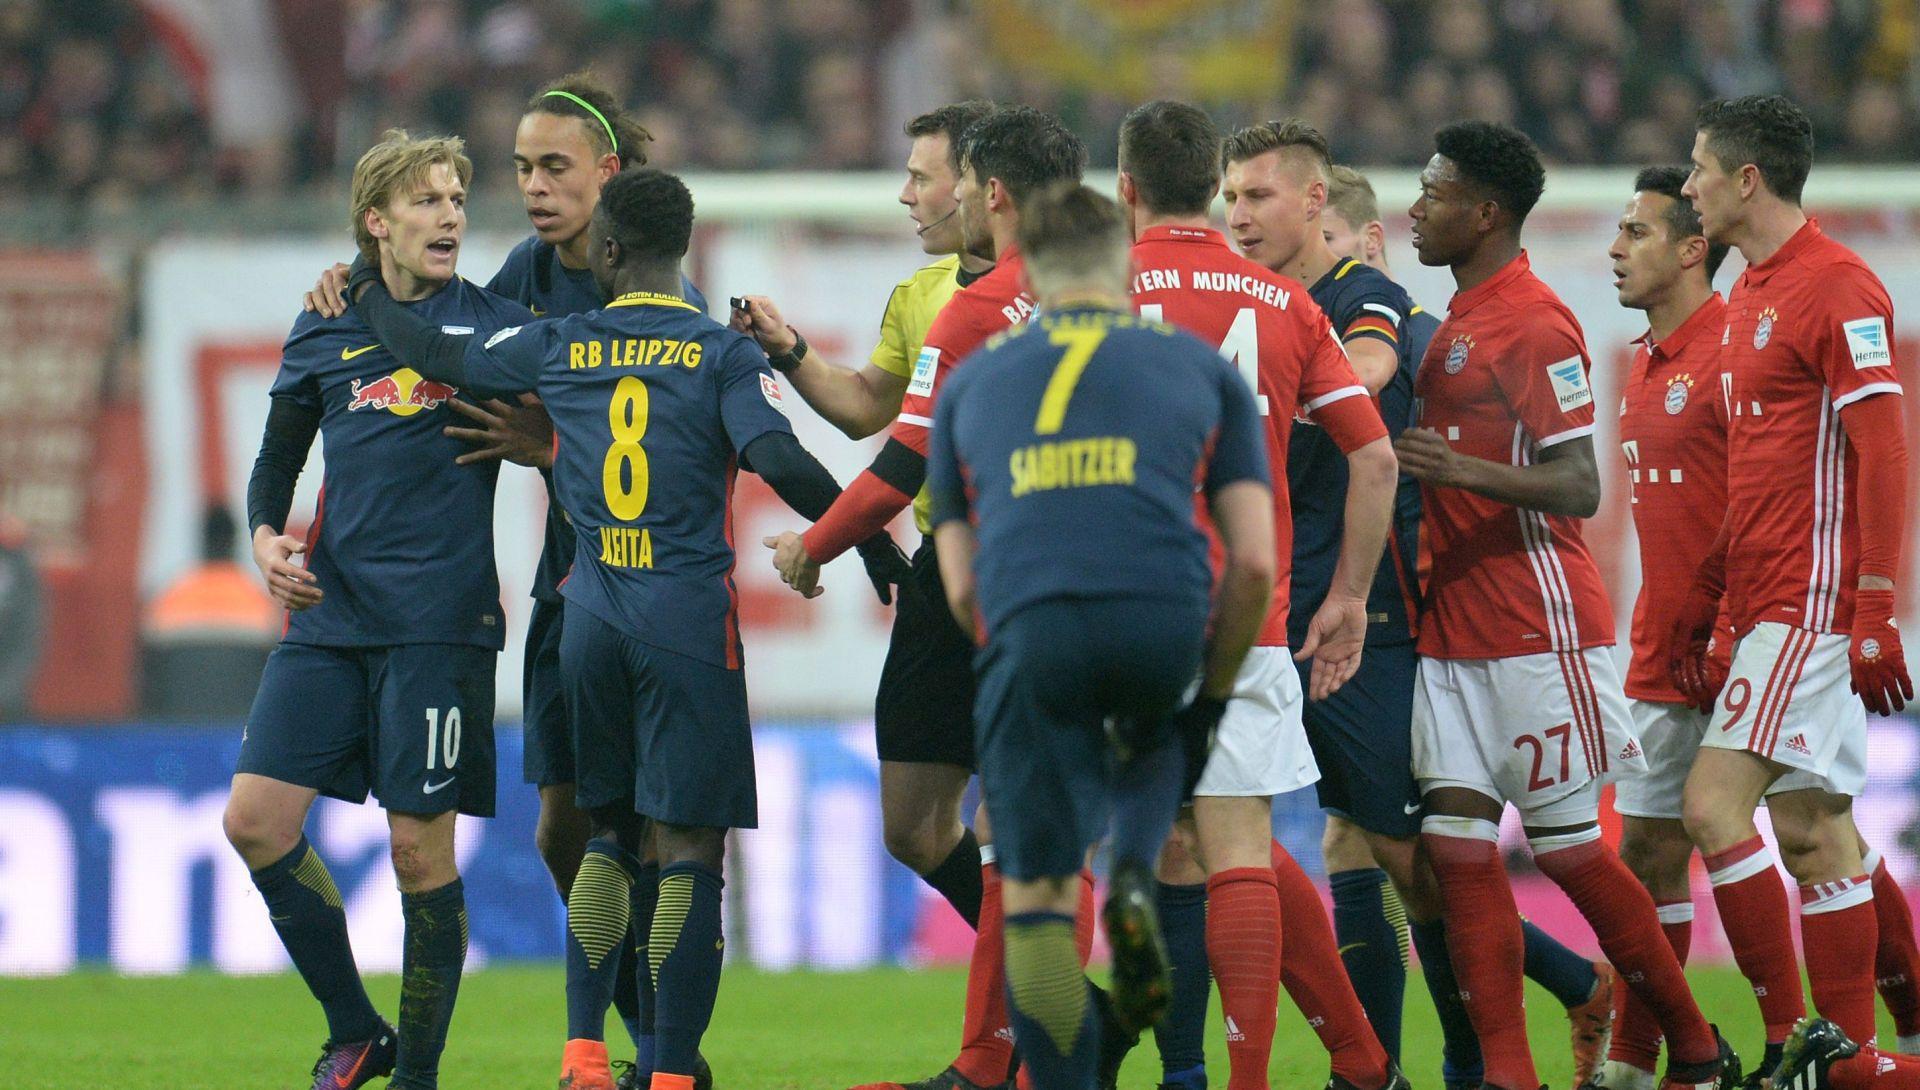 BUNDESLIGA Slavlje Bayerna nad Leipzigom, Hoffenheim i dalje neporažen